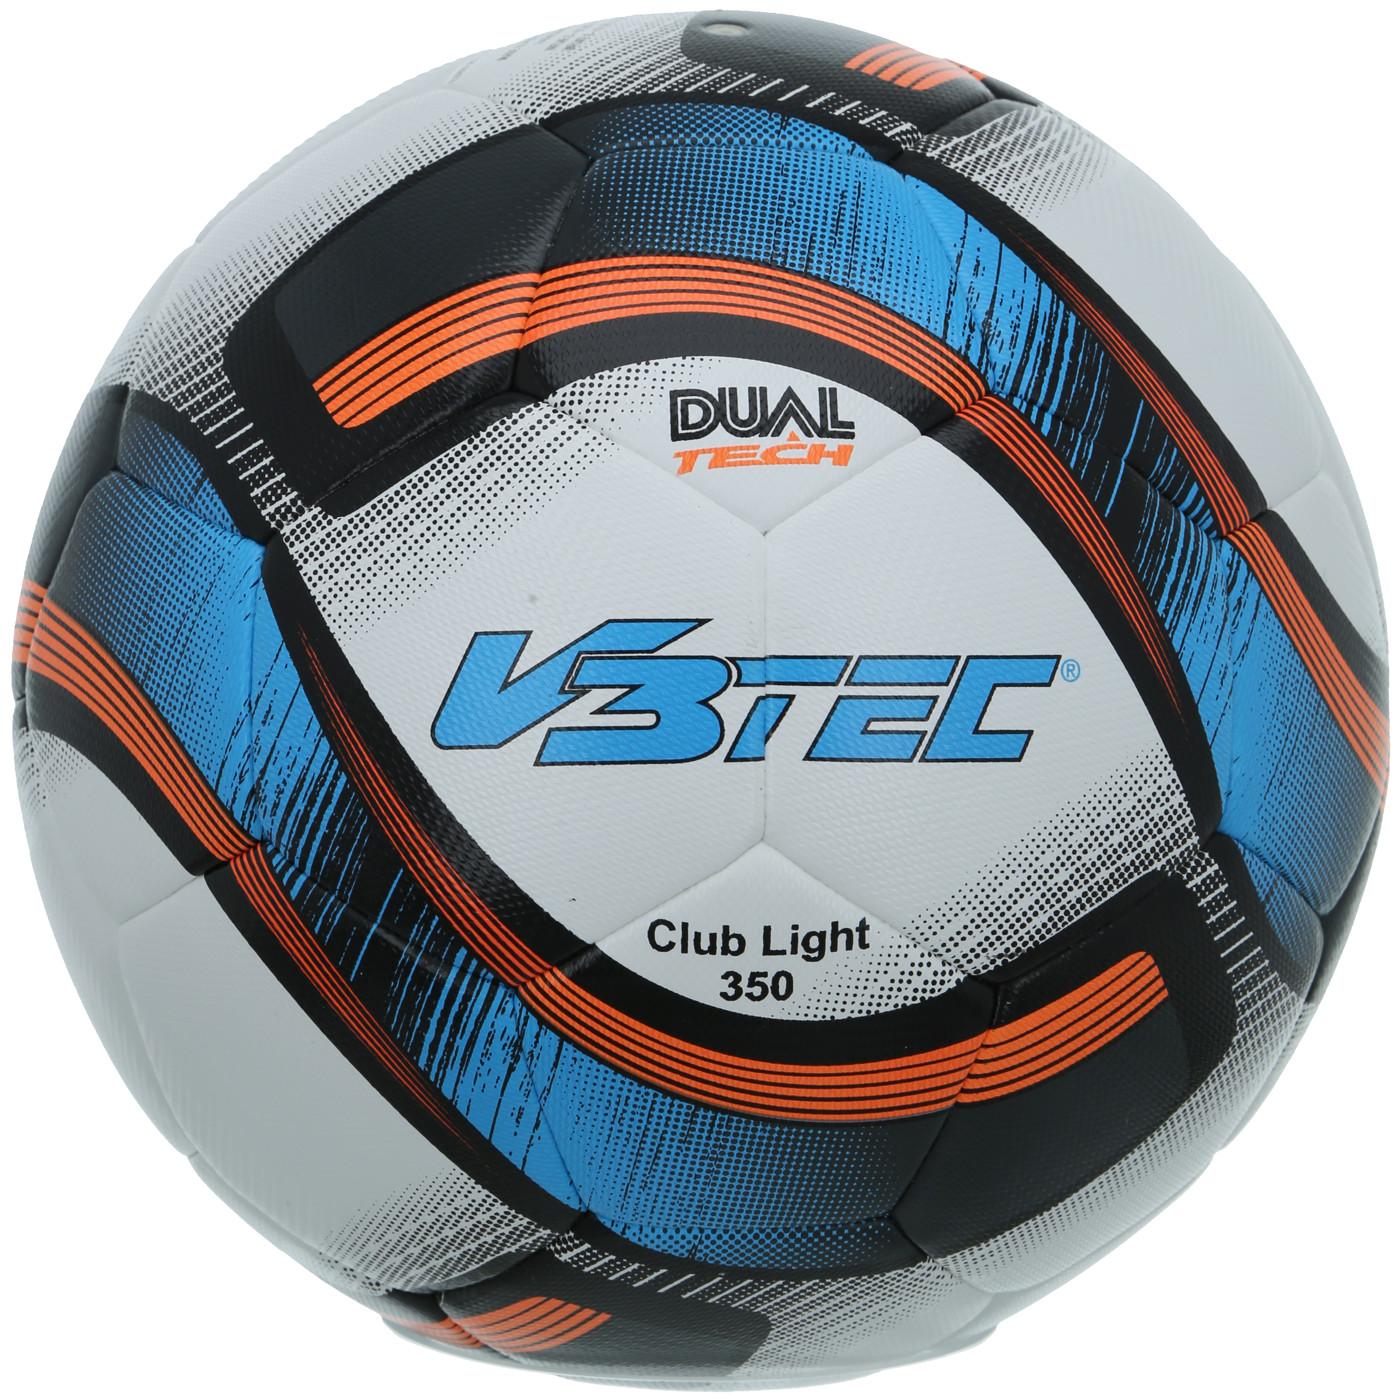 V3TEC CLUB LITE 350 DUAL TECH